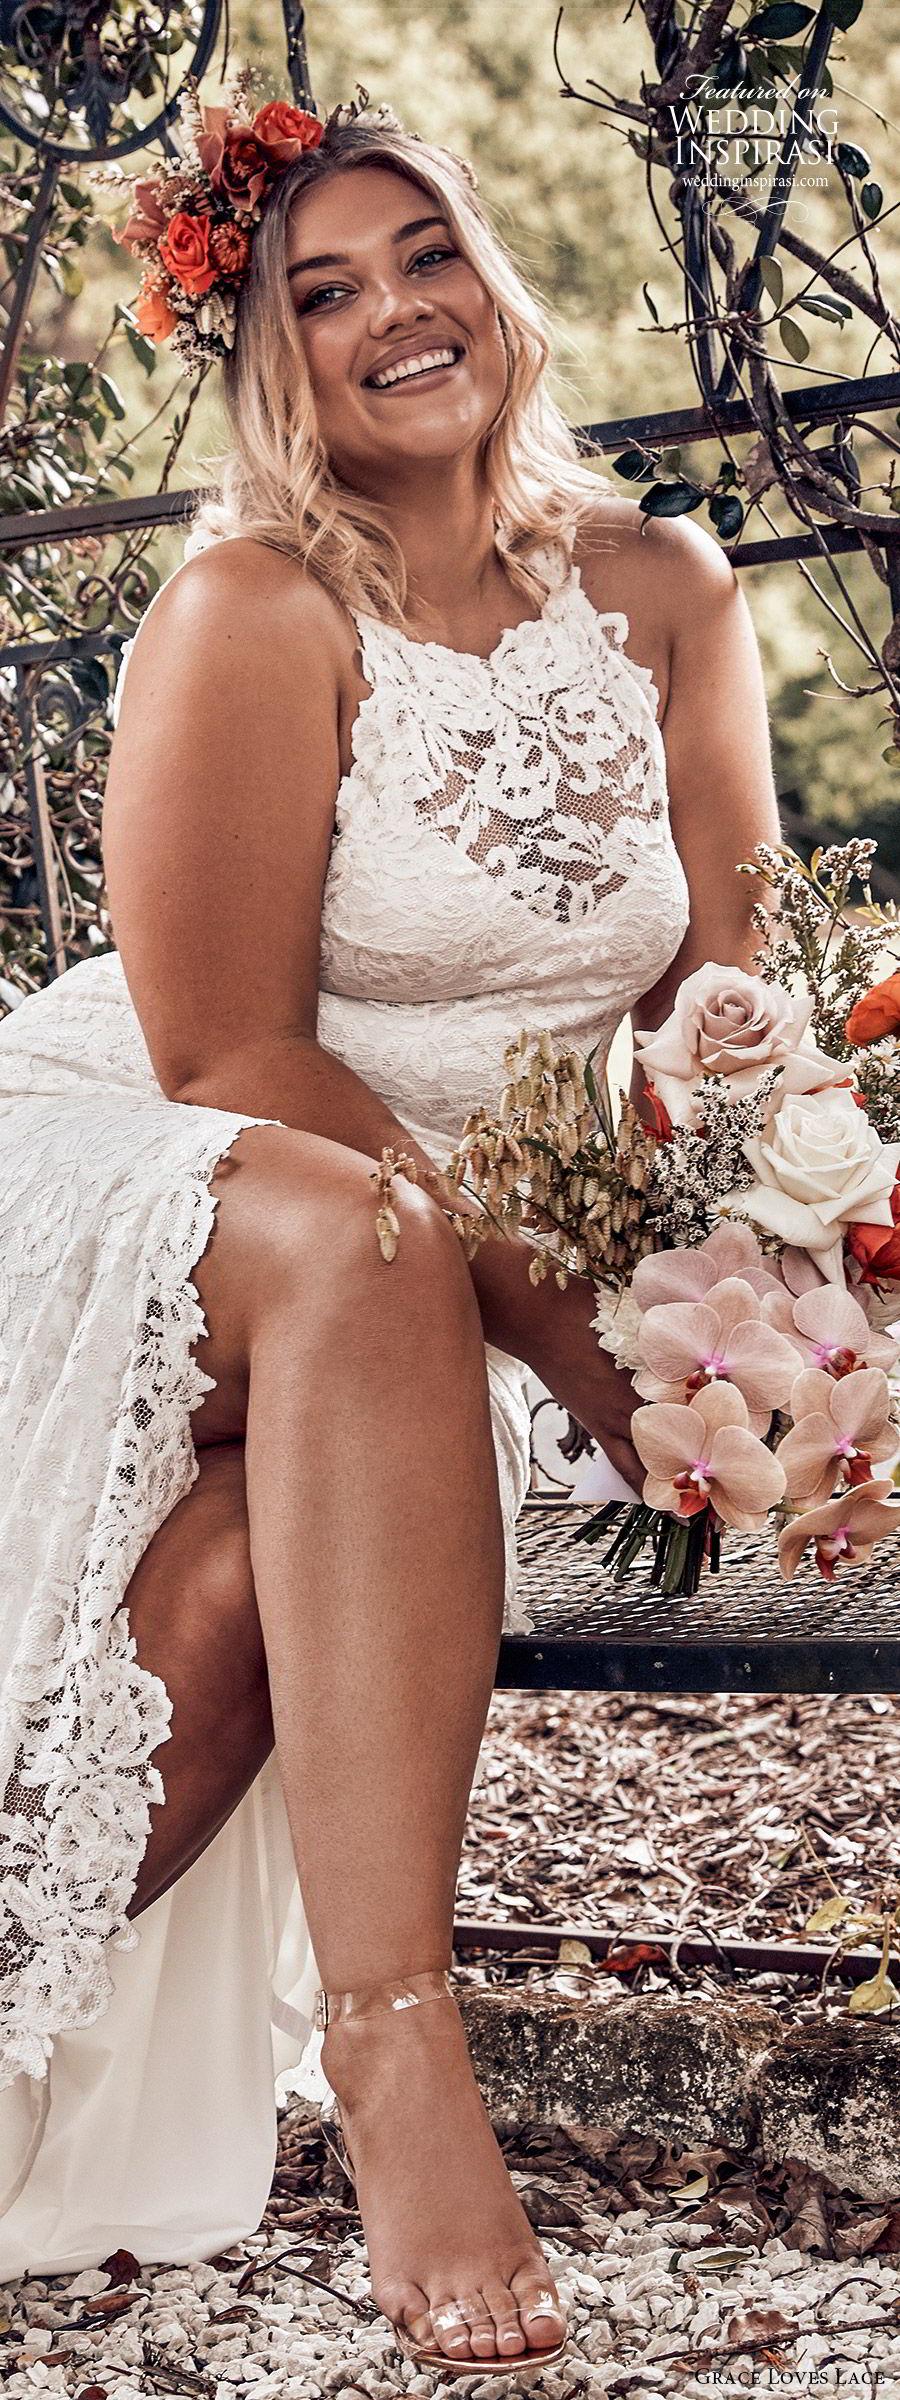 grace loves lace 2019 bridal sleeveless illusion halter neck sweetheart fully embellished lace sheath wedding dress slit skirt romantic boho chic plus size (3) zv